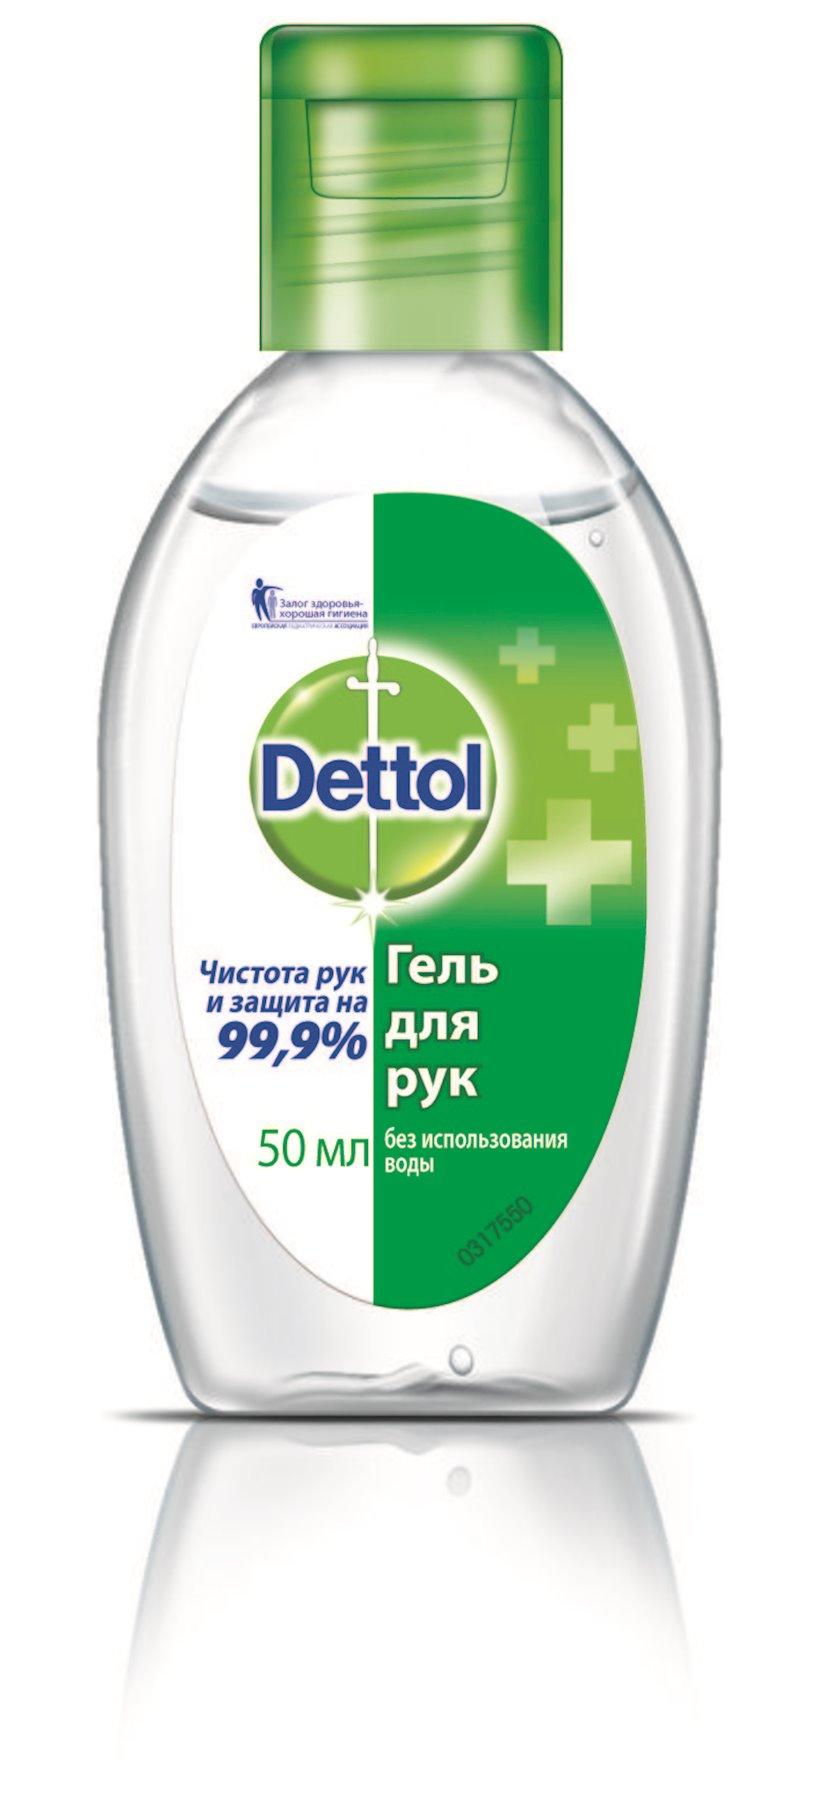 Əl üçün gel Dettol 50 ml